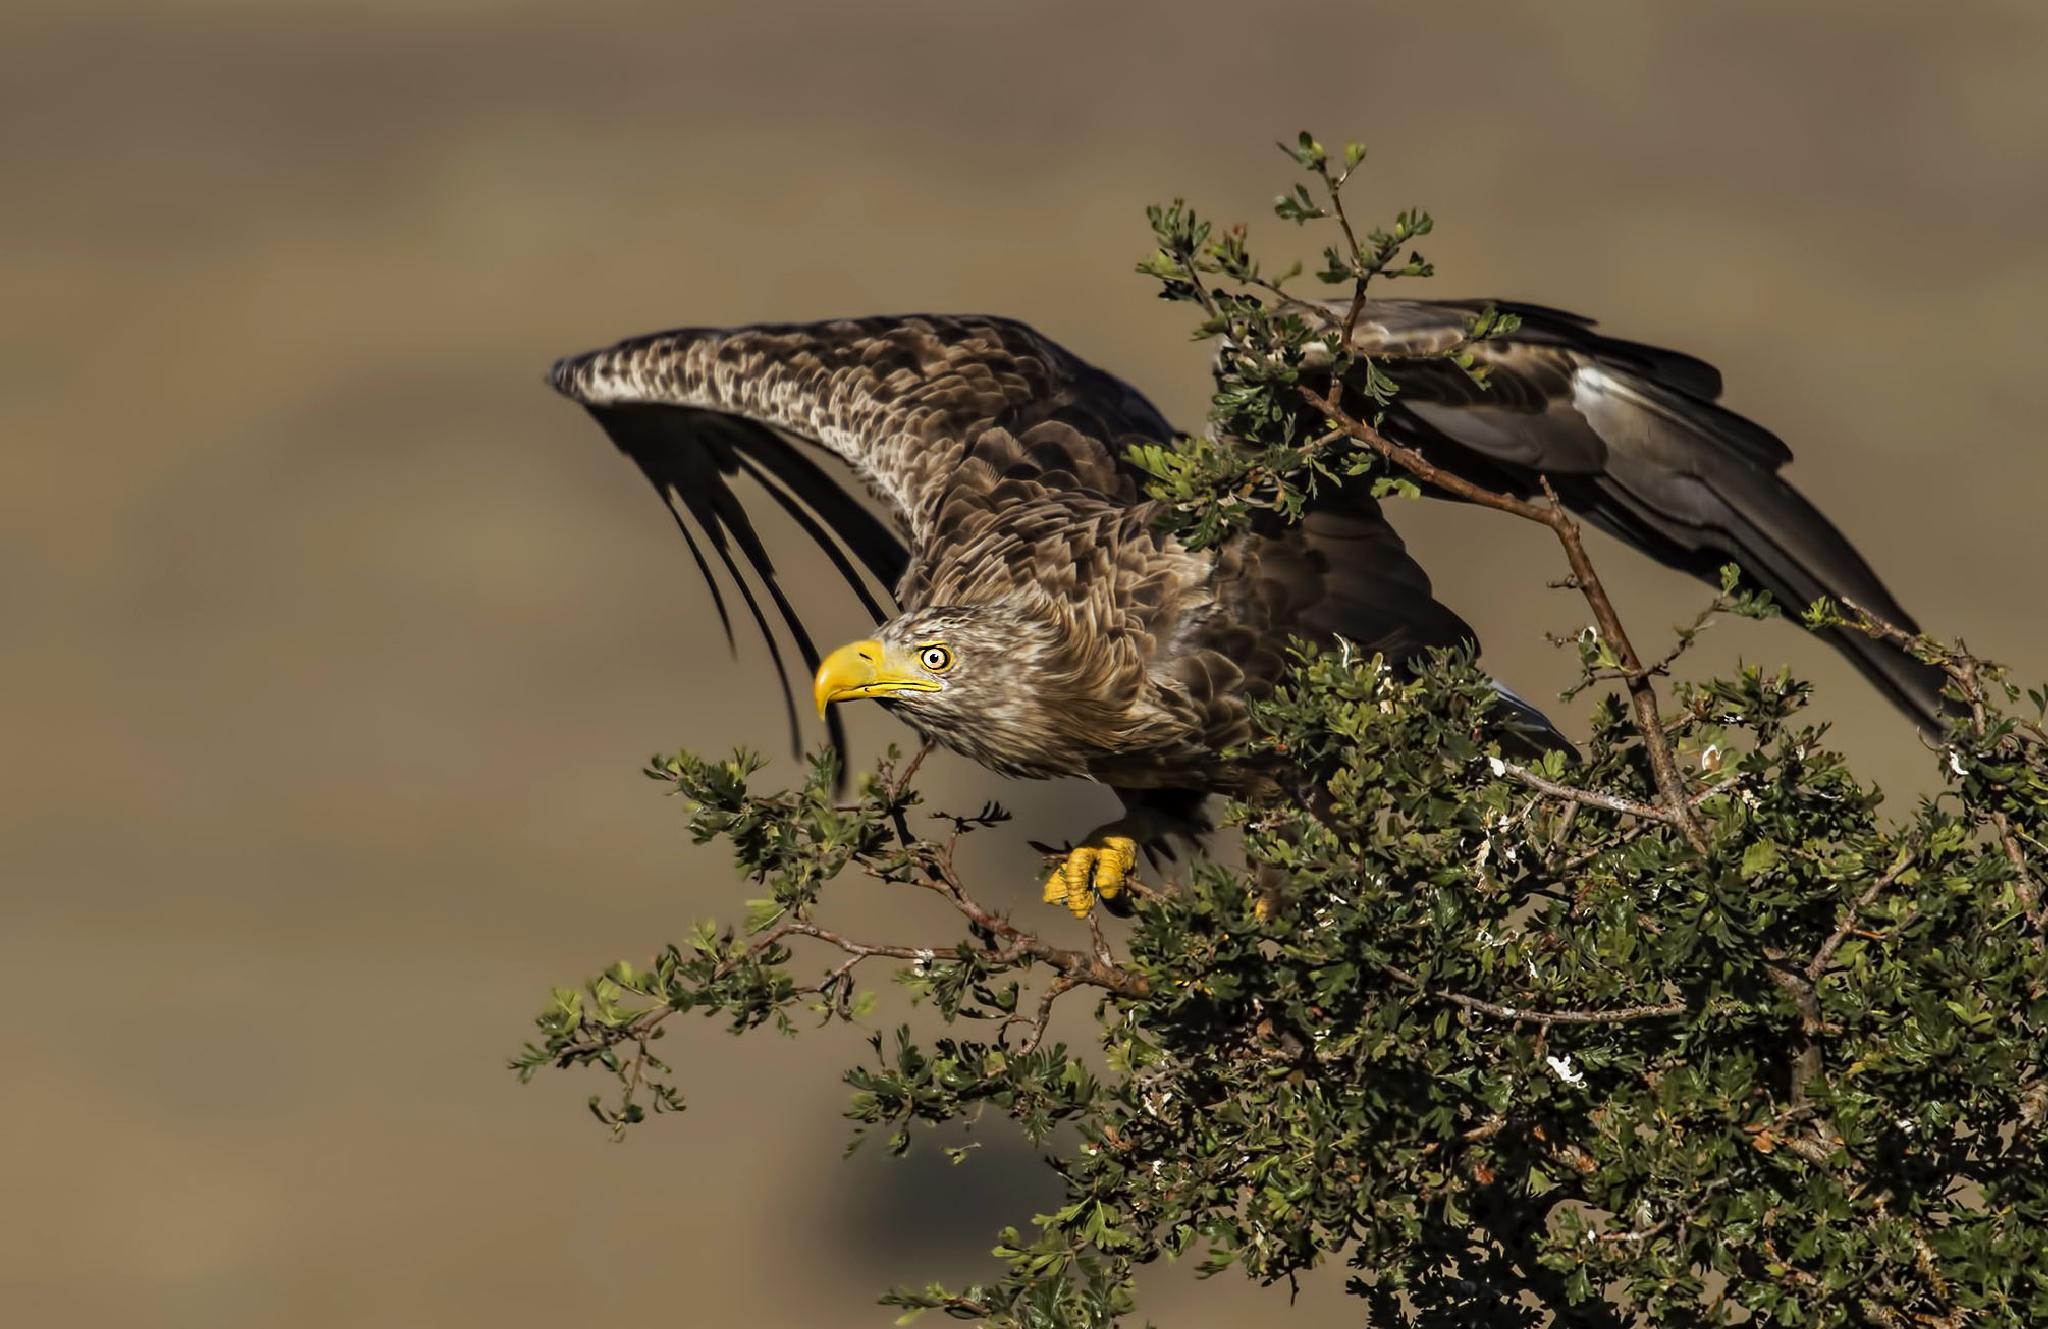 Akkuyruklu kartal » White-tailed Eagle » Haliaeetus albicilla by ihsan çiçek